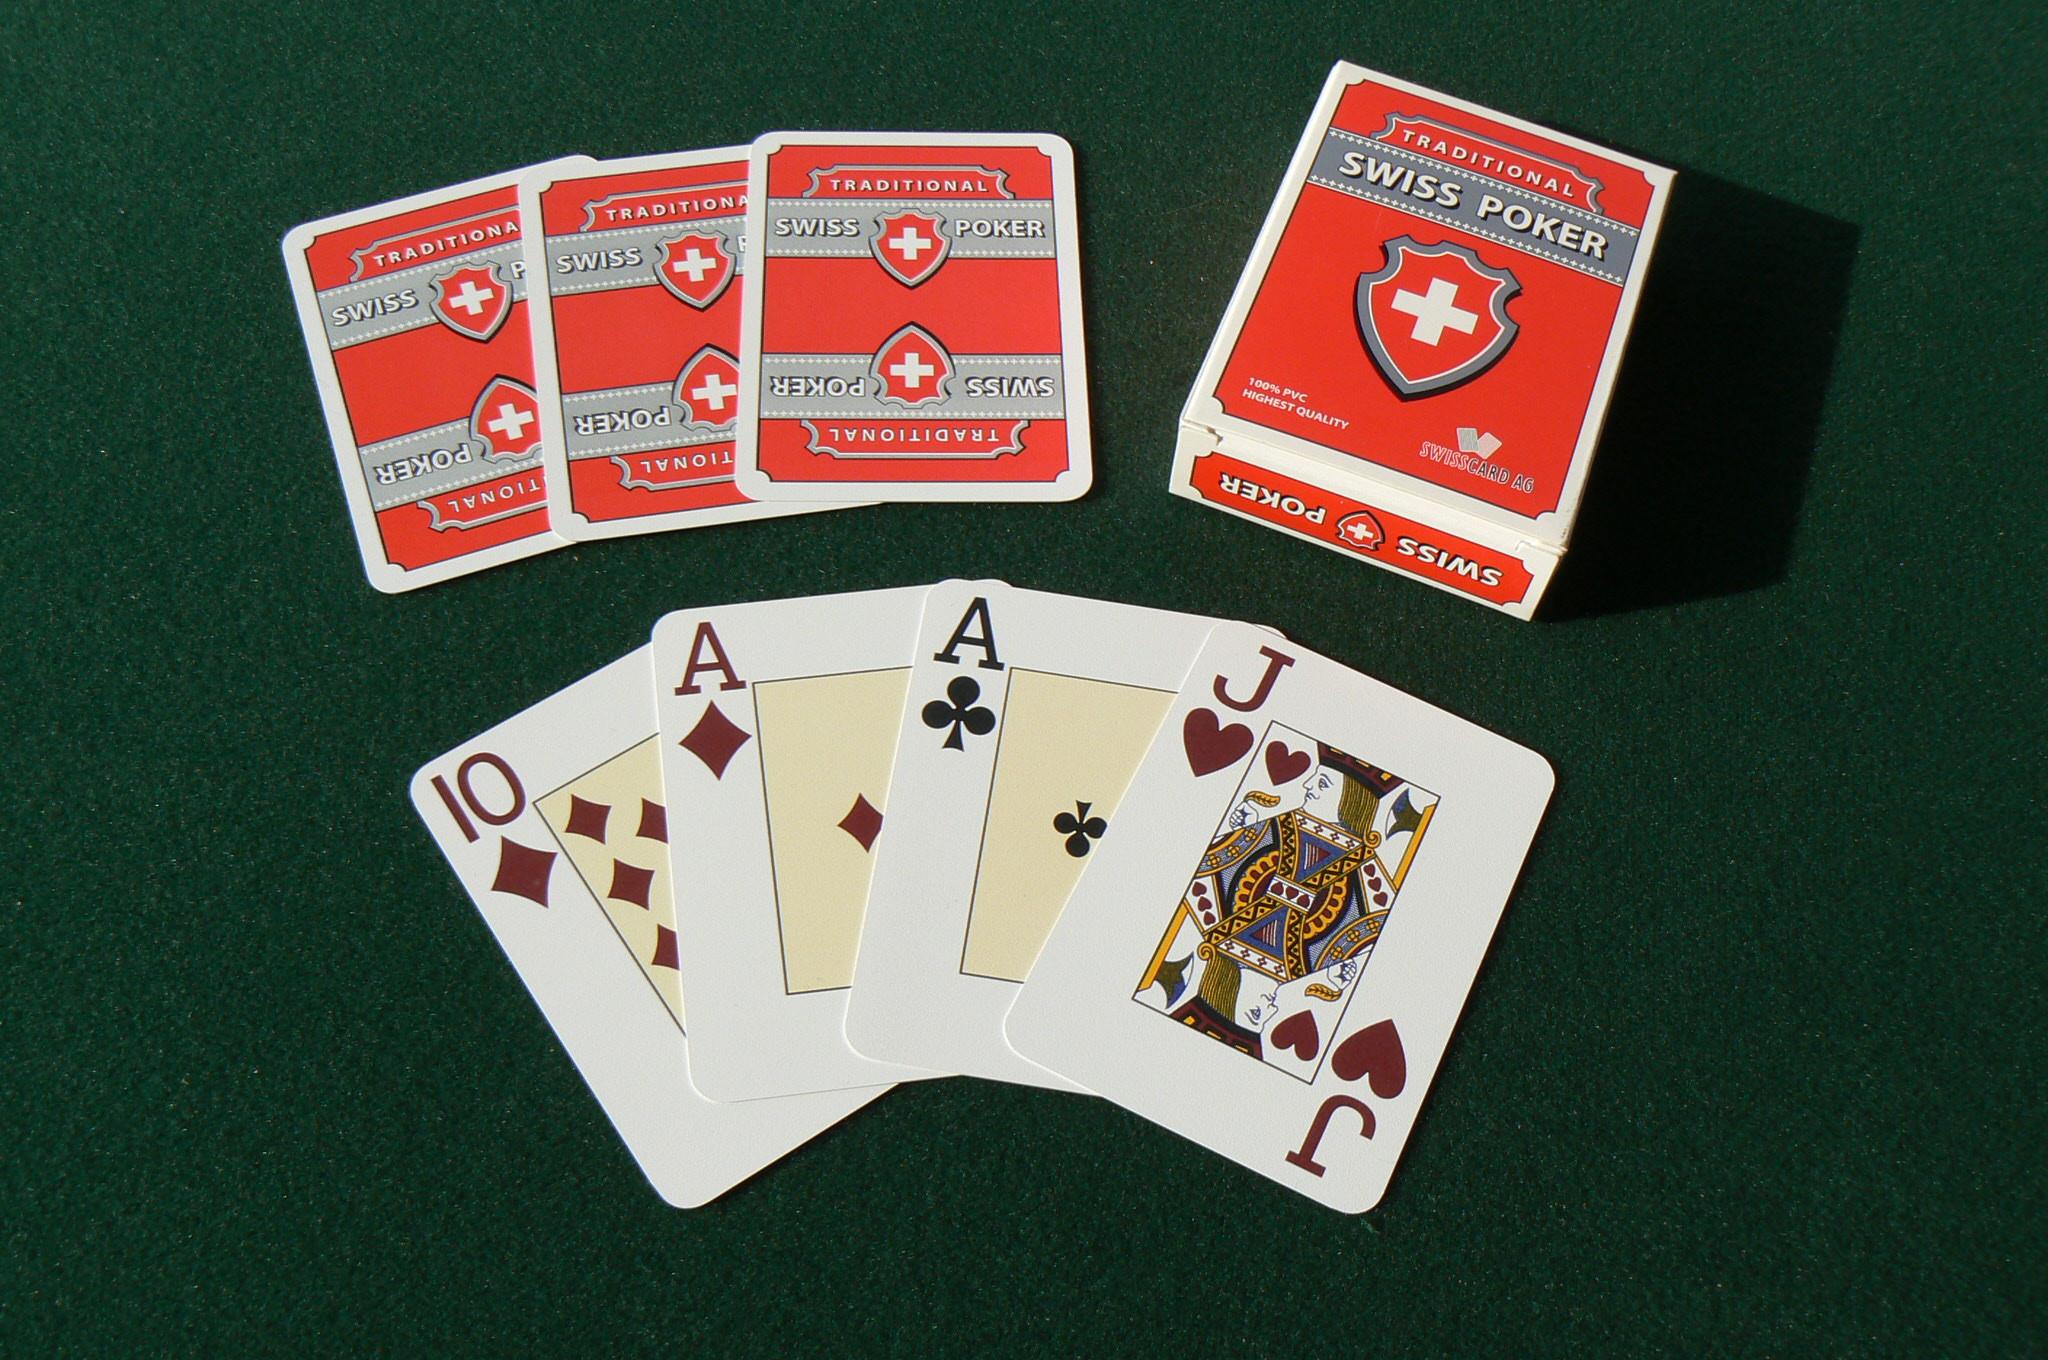 Modiano Plastikkarten Swiss Poker Edition Jumboindex